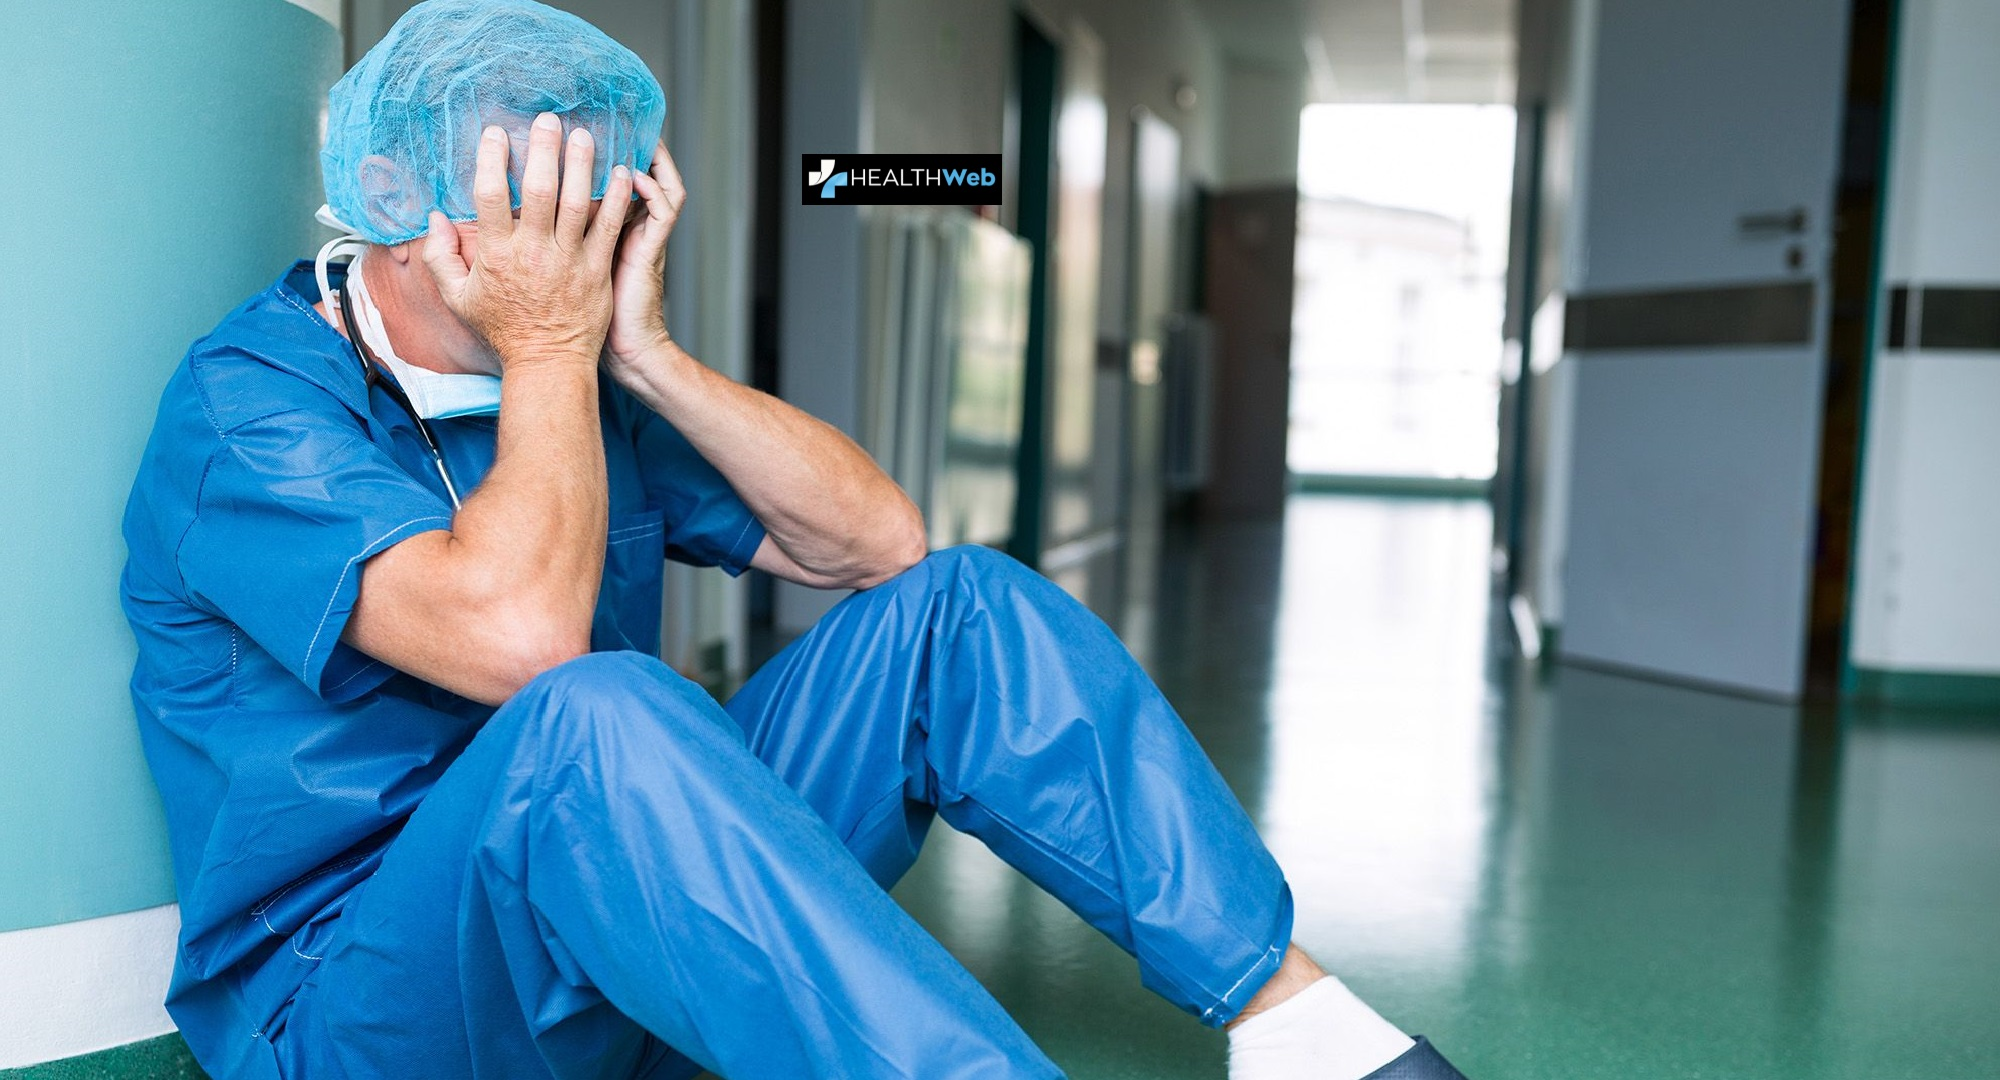 Κατεπείγουσα απόφαση Κικίλια για άρση αναστολής αδειών των γιατρών μετά το ρεπορτάζ του healthwebgr